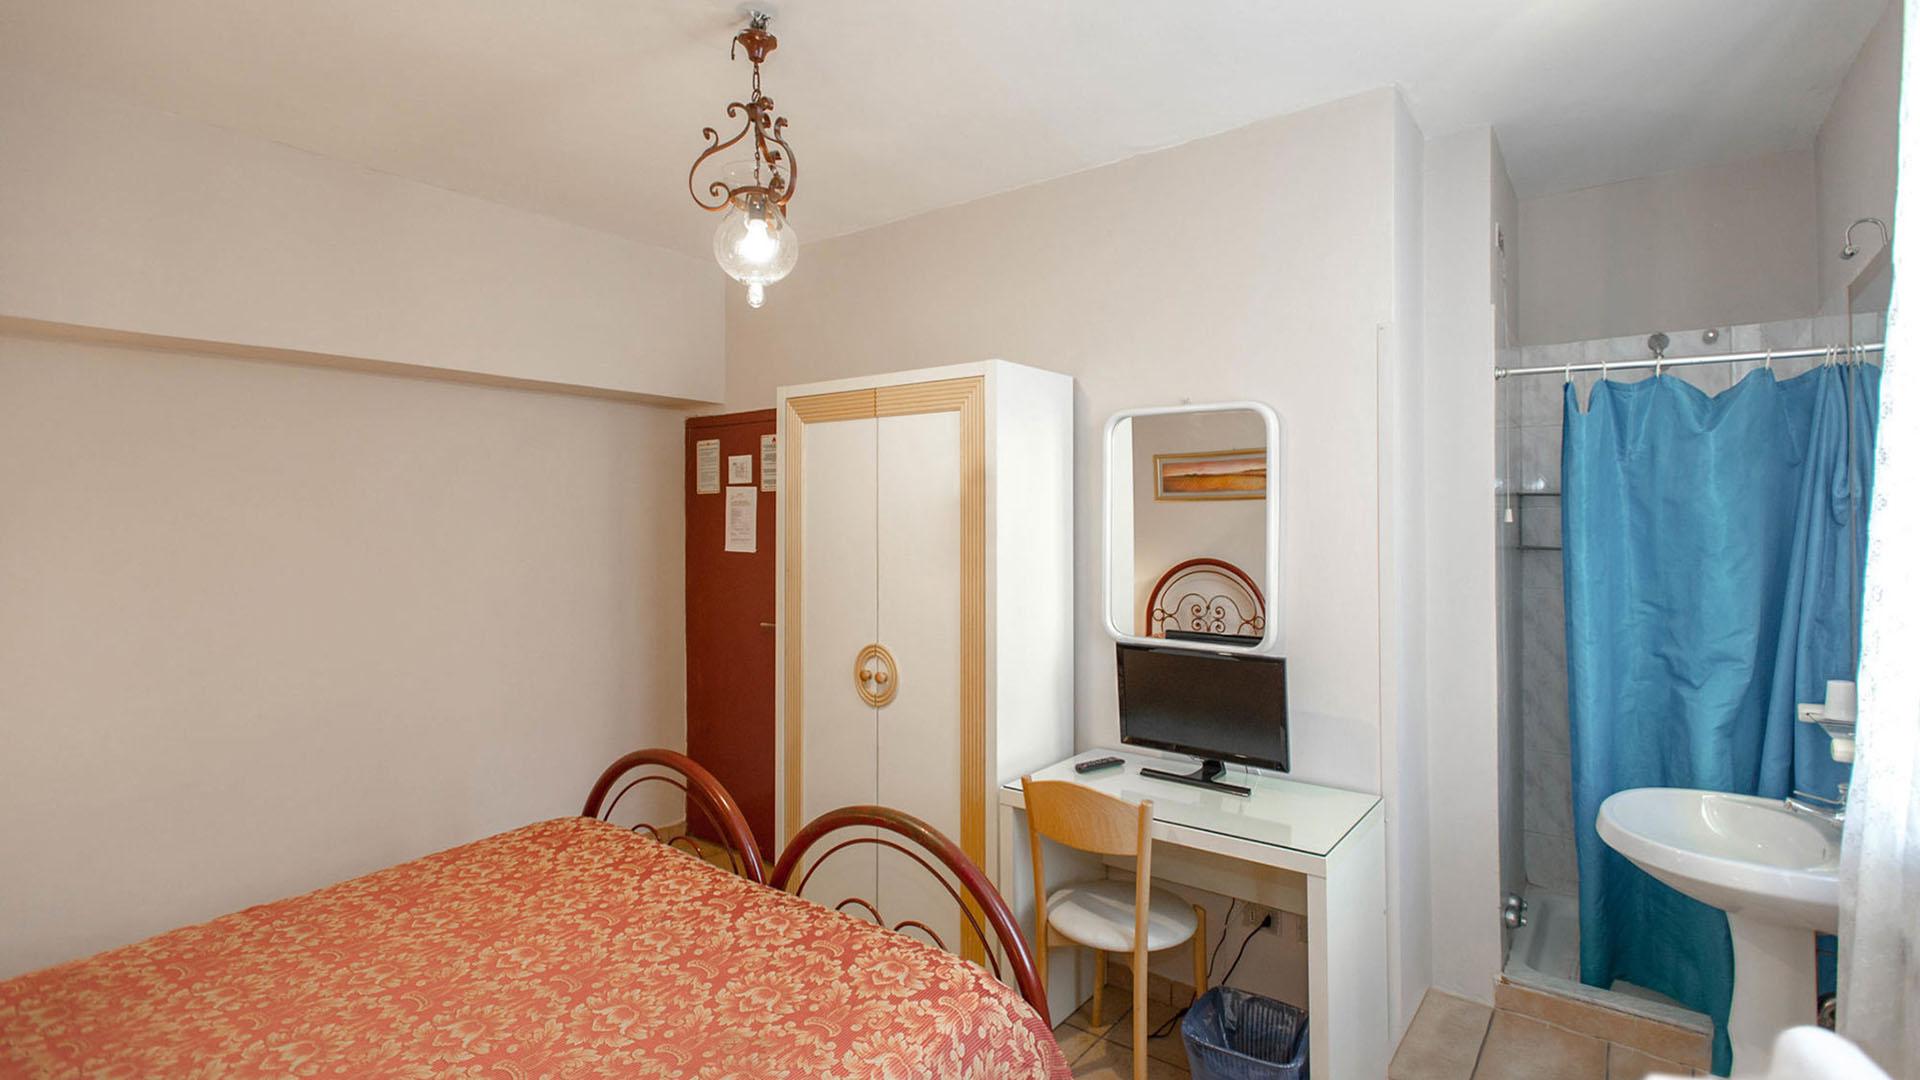 Bagno In Comune Hotel : Hotel o catraio affittacamere montijo